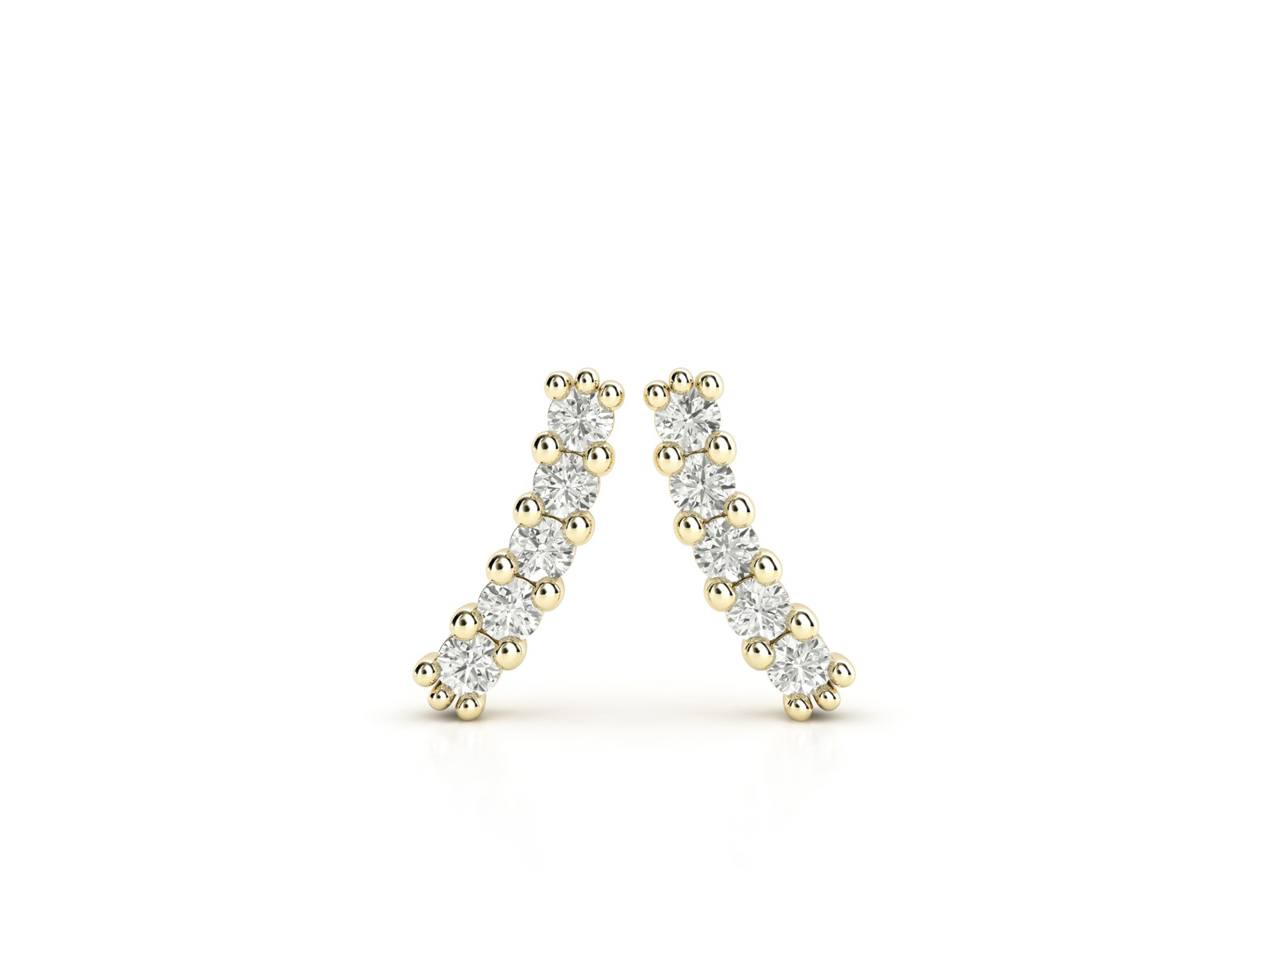 עגילי יהלומים זהב צהוב בעיצוב מוניק עדין, סהכ 0.20 קראט יהלומים 2